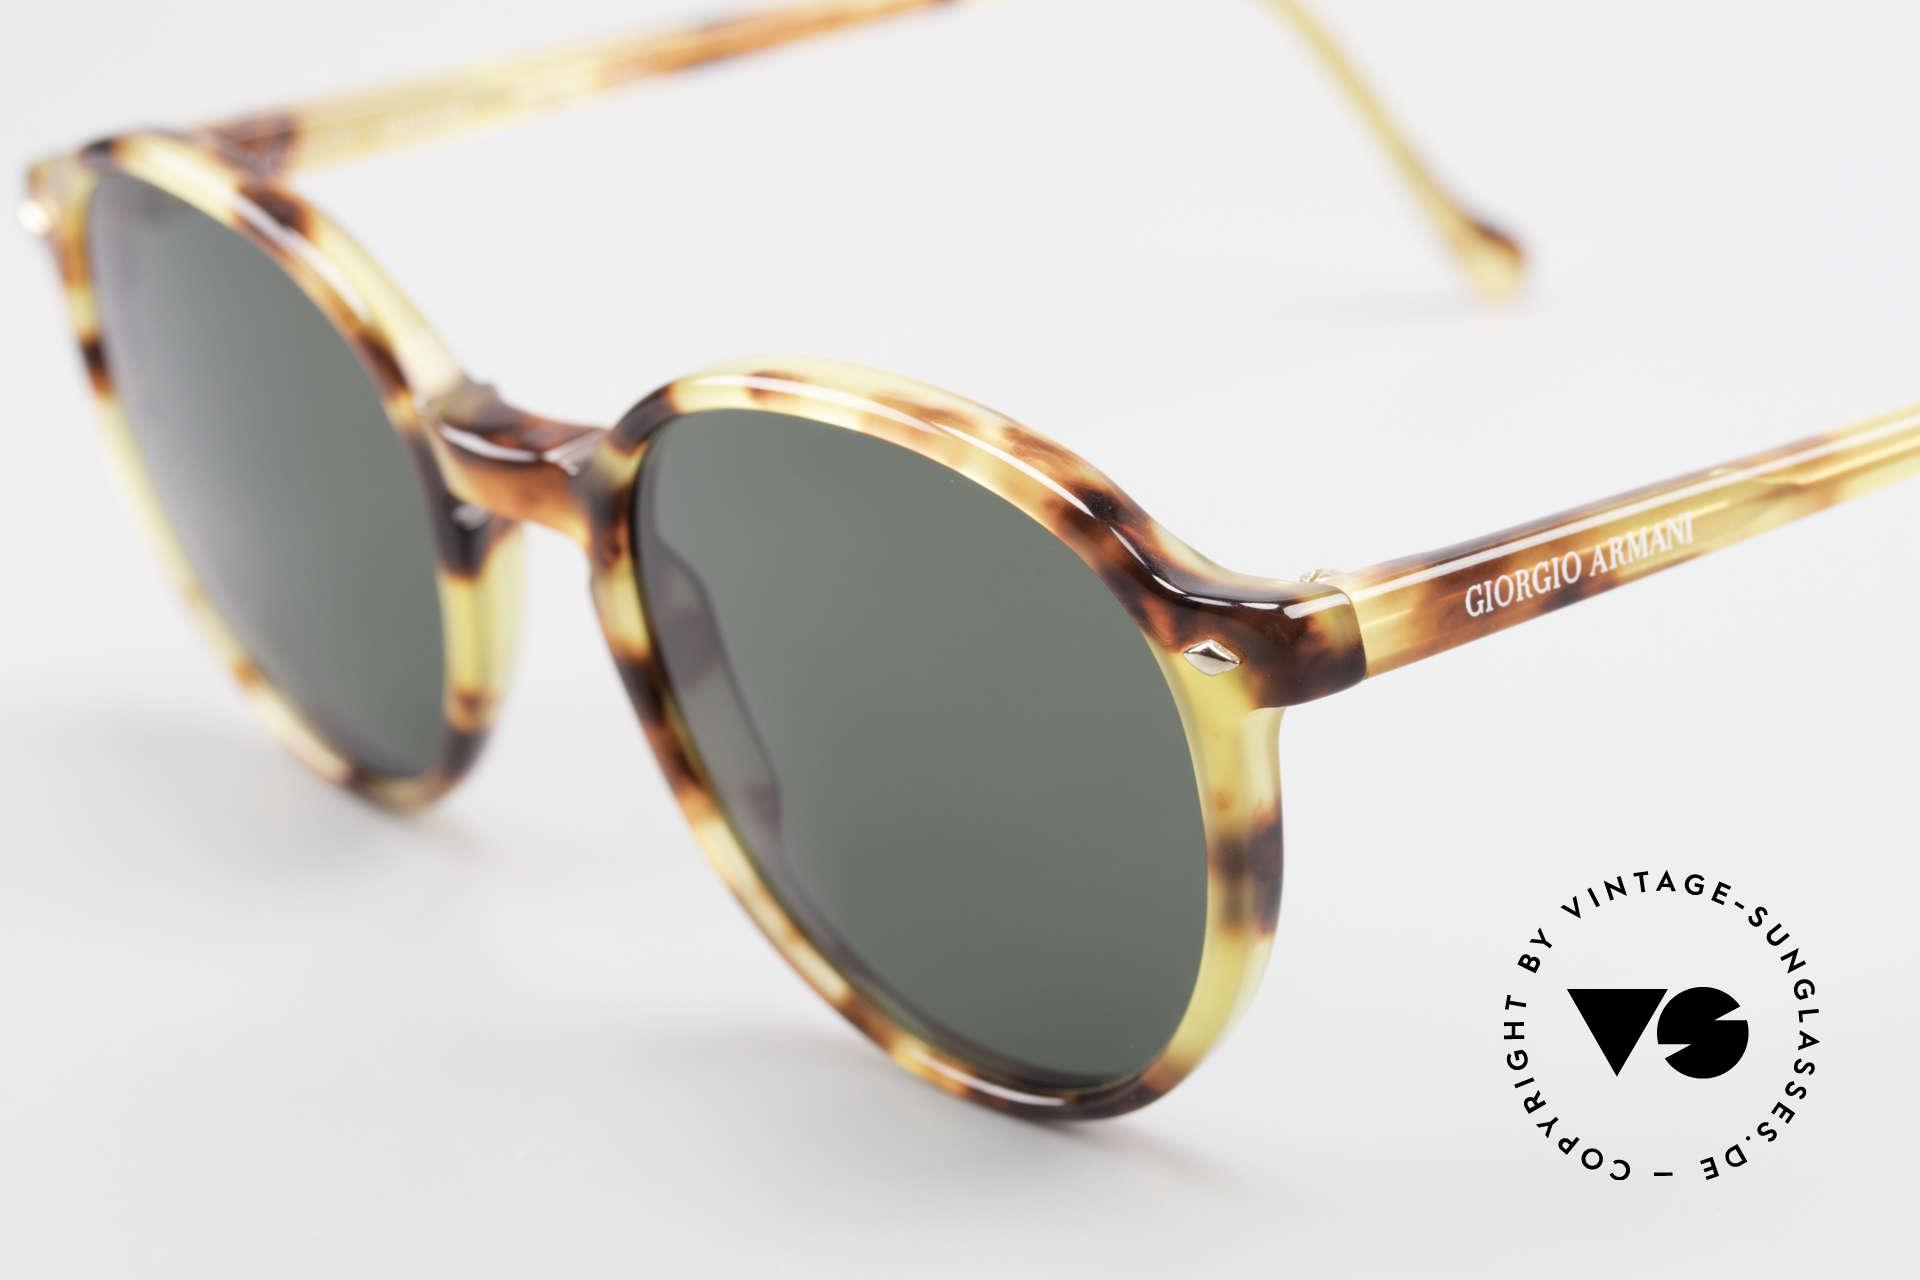 Giorgio Armani 325 Rare 90er Panto Sonnenbrille, ungetragen (wie alle unsere 1990er Design-Klassiker), Passend für Herren und Damen